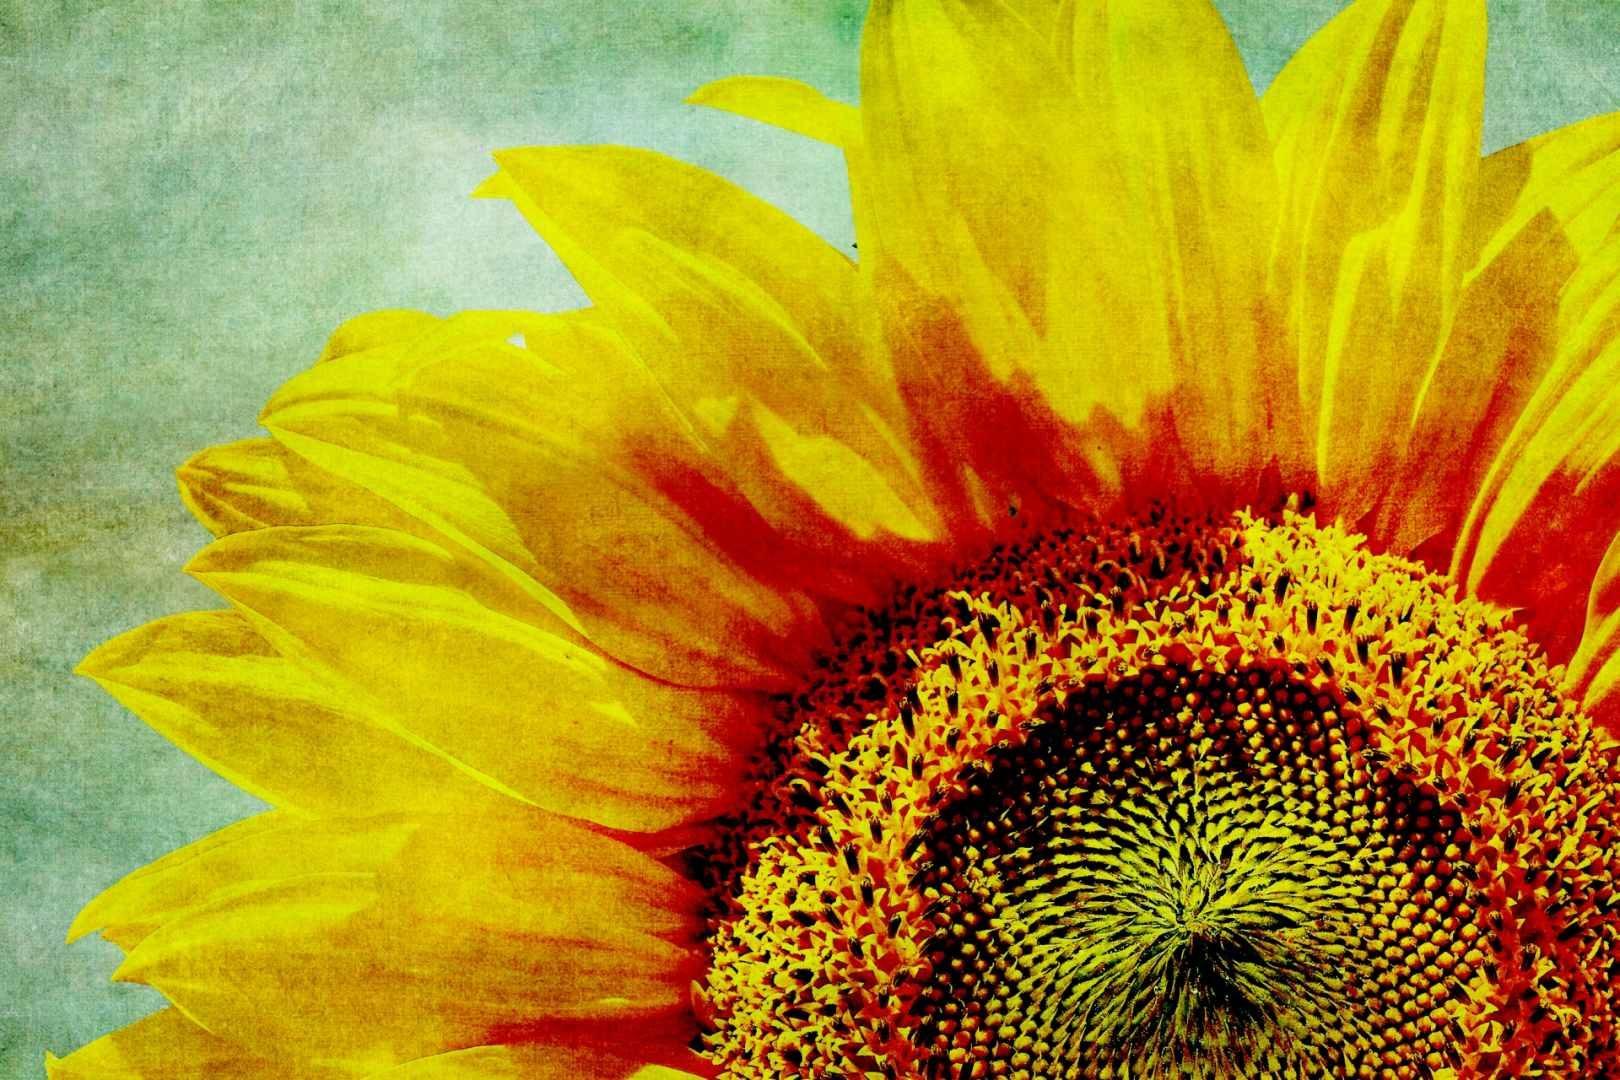 Słonecznik. Omega-6 i witamina E w najlepszej naturalnej formie